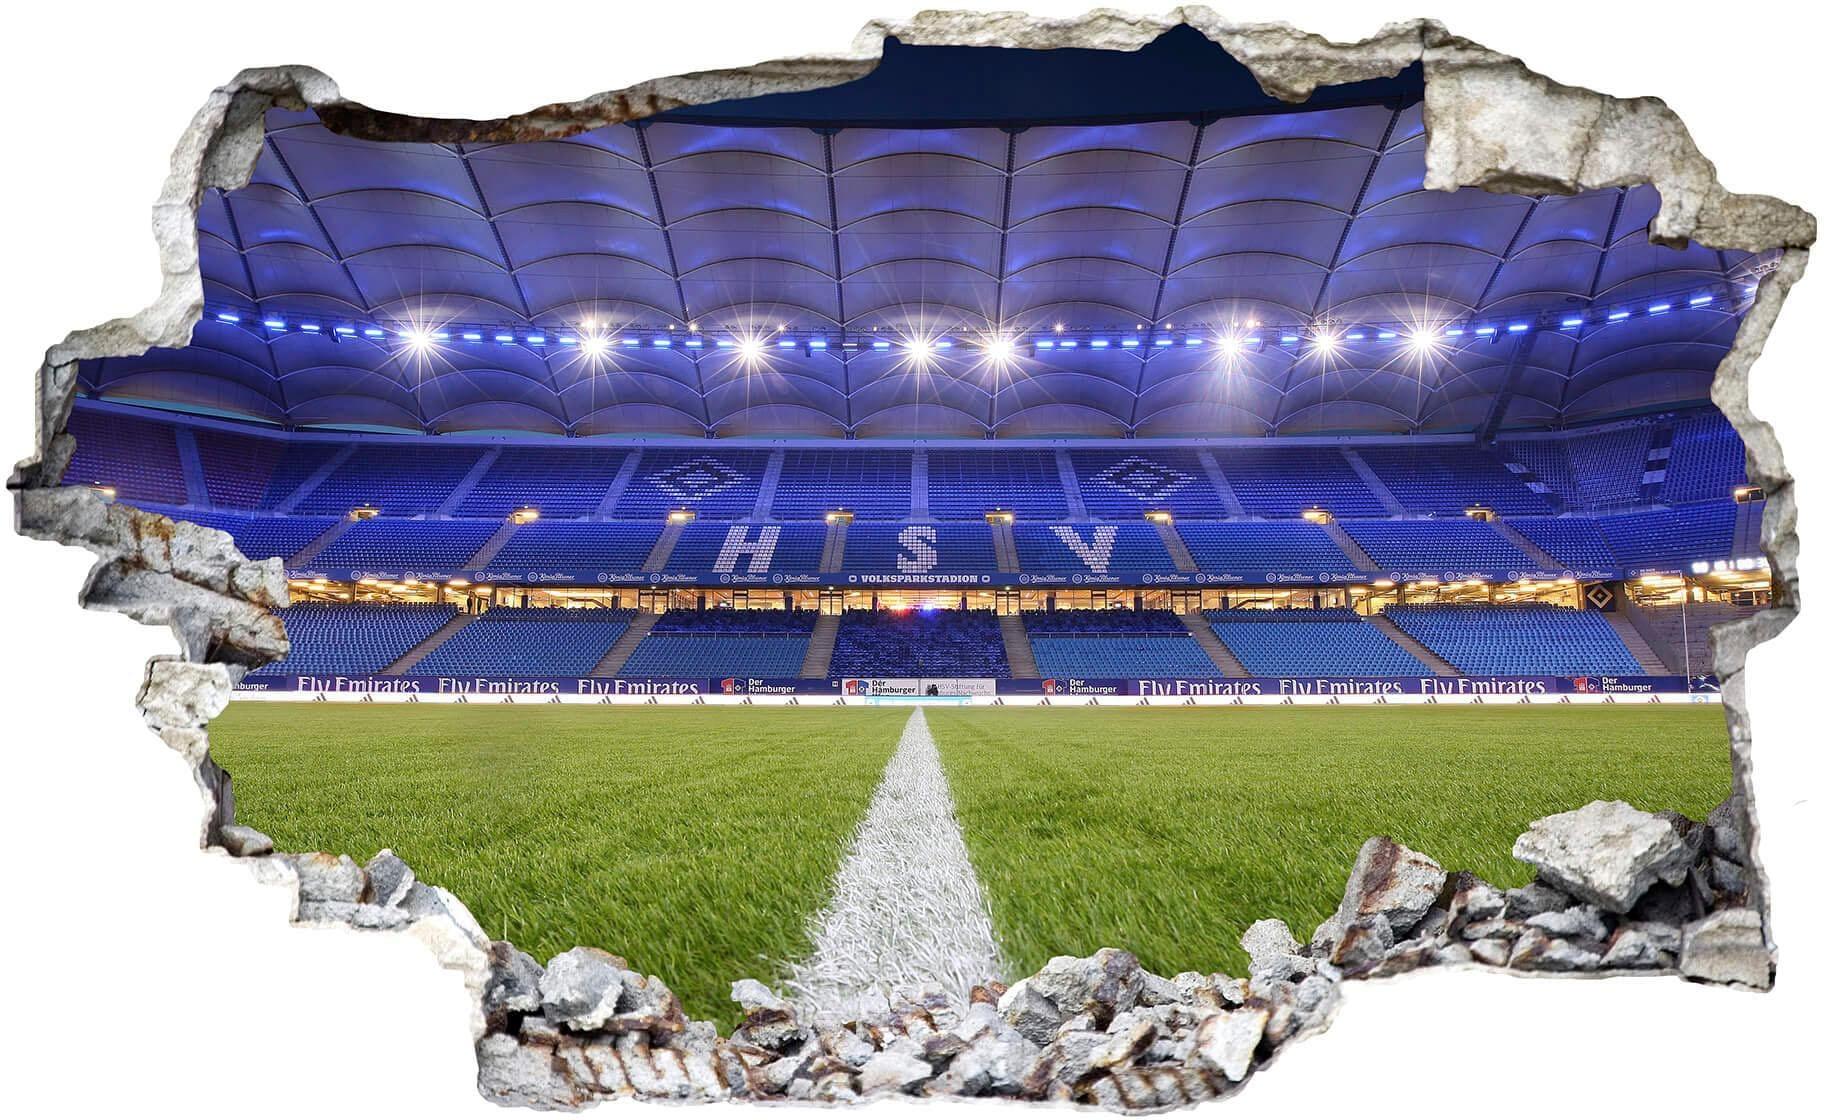 Wandtattoo Wohnen/Accessoires & Leuchten/Wohnaccessoires/Wandtattoos und Wandsticker/Wandtattoos Fußball